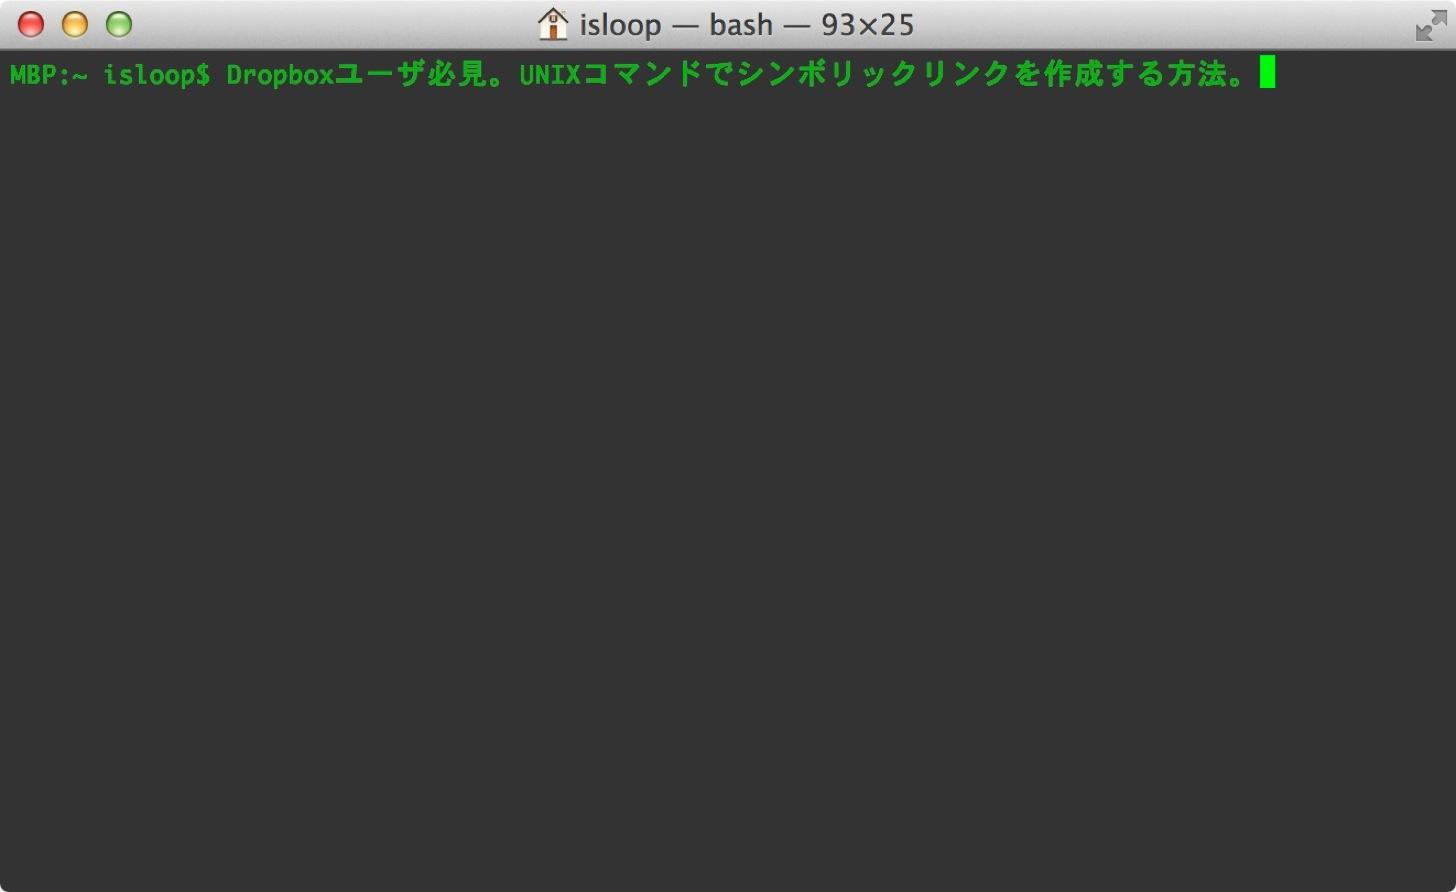 UNIXコマンドでシンボリックリンクを作成する方法。